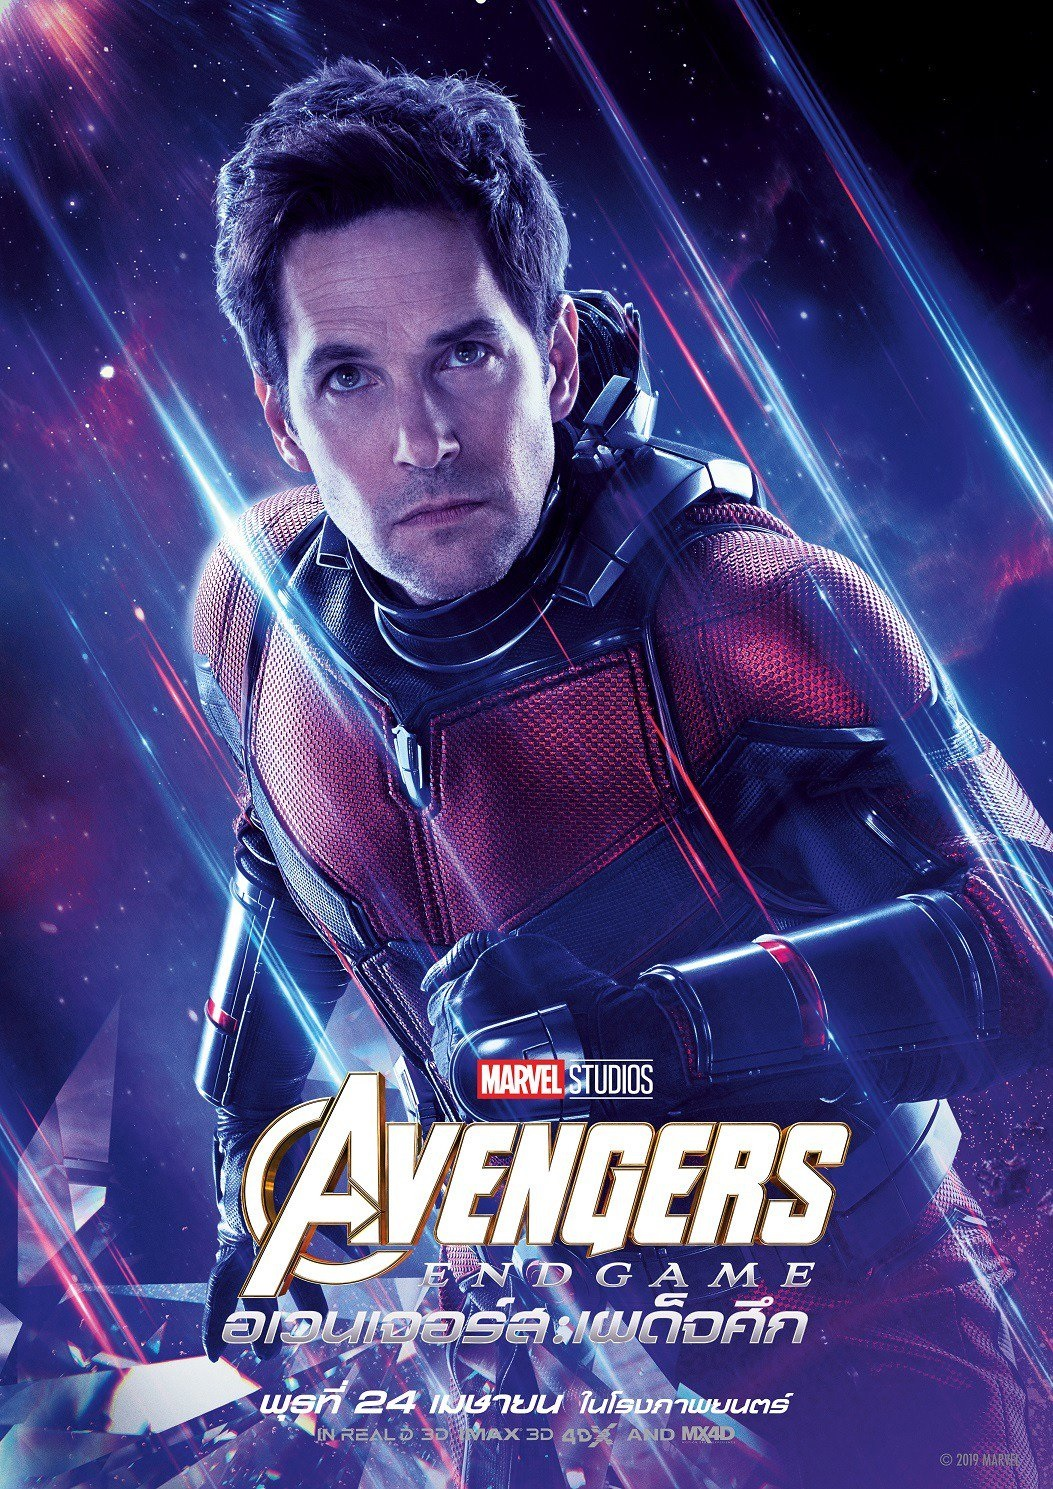 Endgame international character poster for Ant-Man